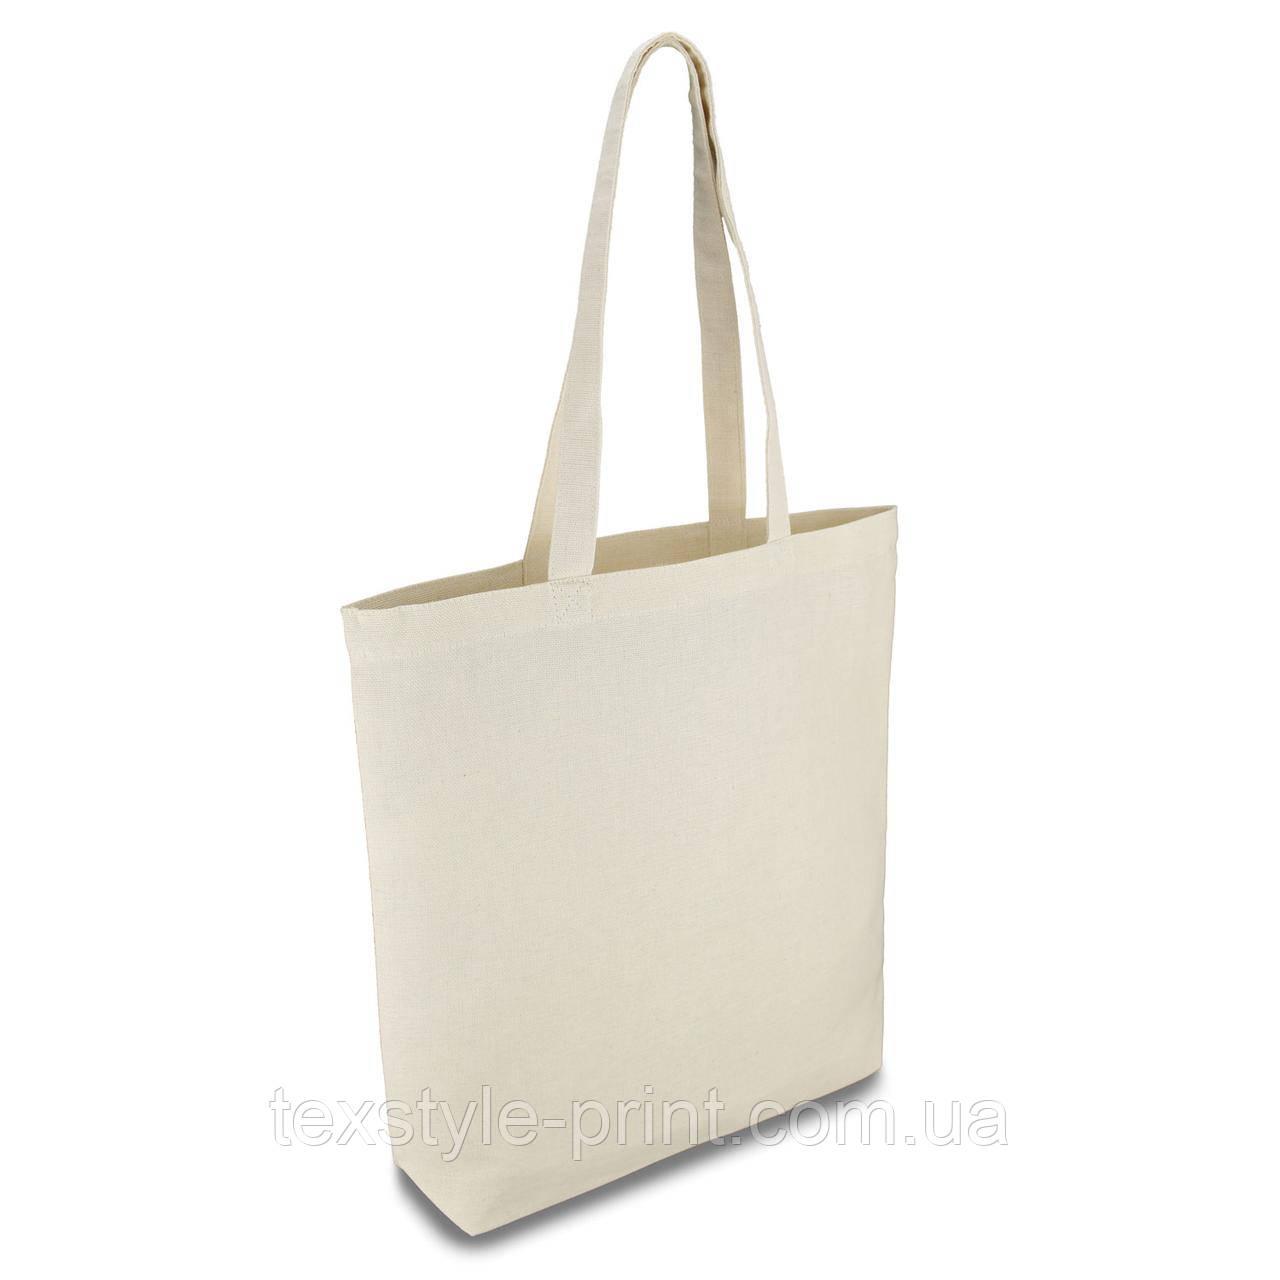 Эко сумка из хлопка. Размер 35*35*7 см. дно конверт. Ткань двунитка 210г/м.